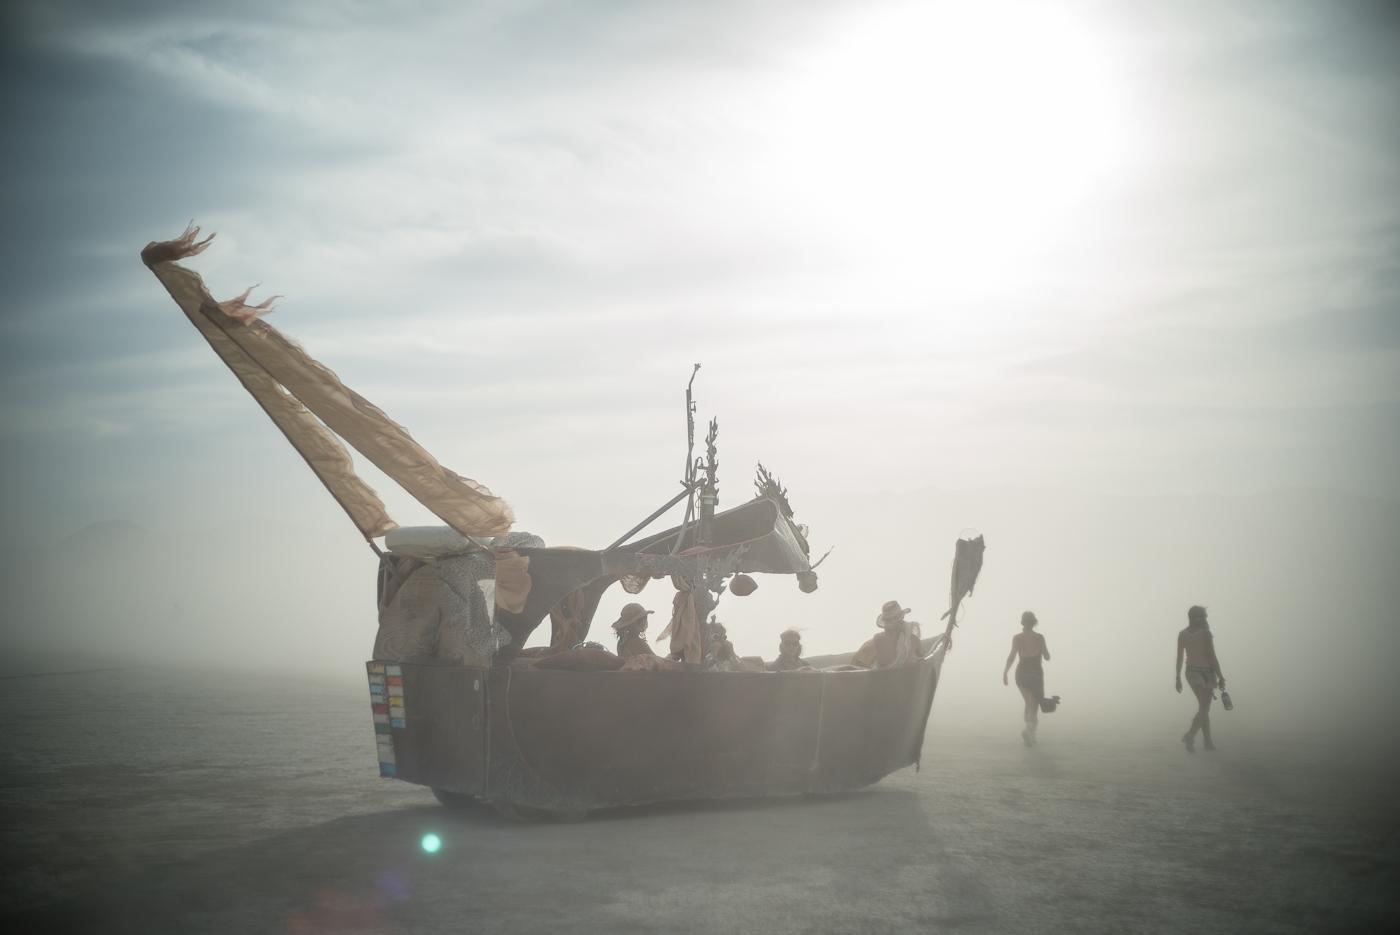 Dusty Ship, Burning Man 2014: In Dust We Trust - Photos of a Dusty Playa